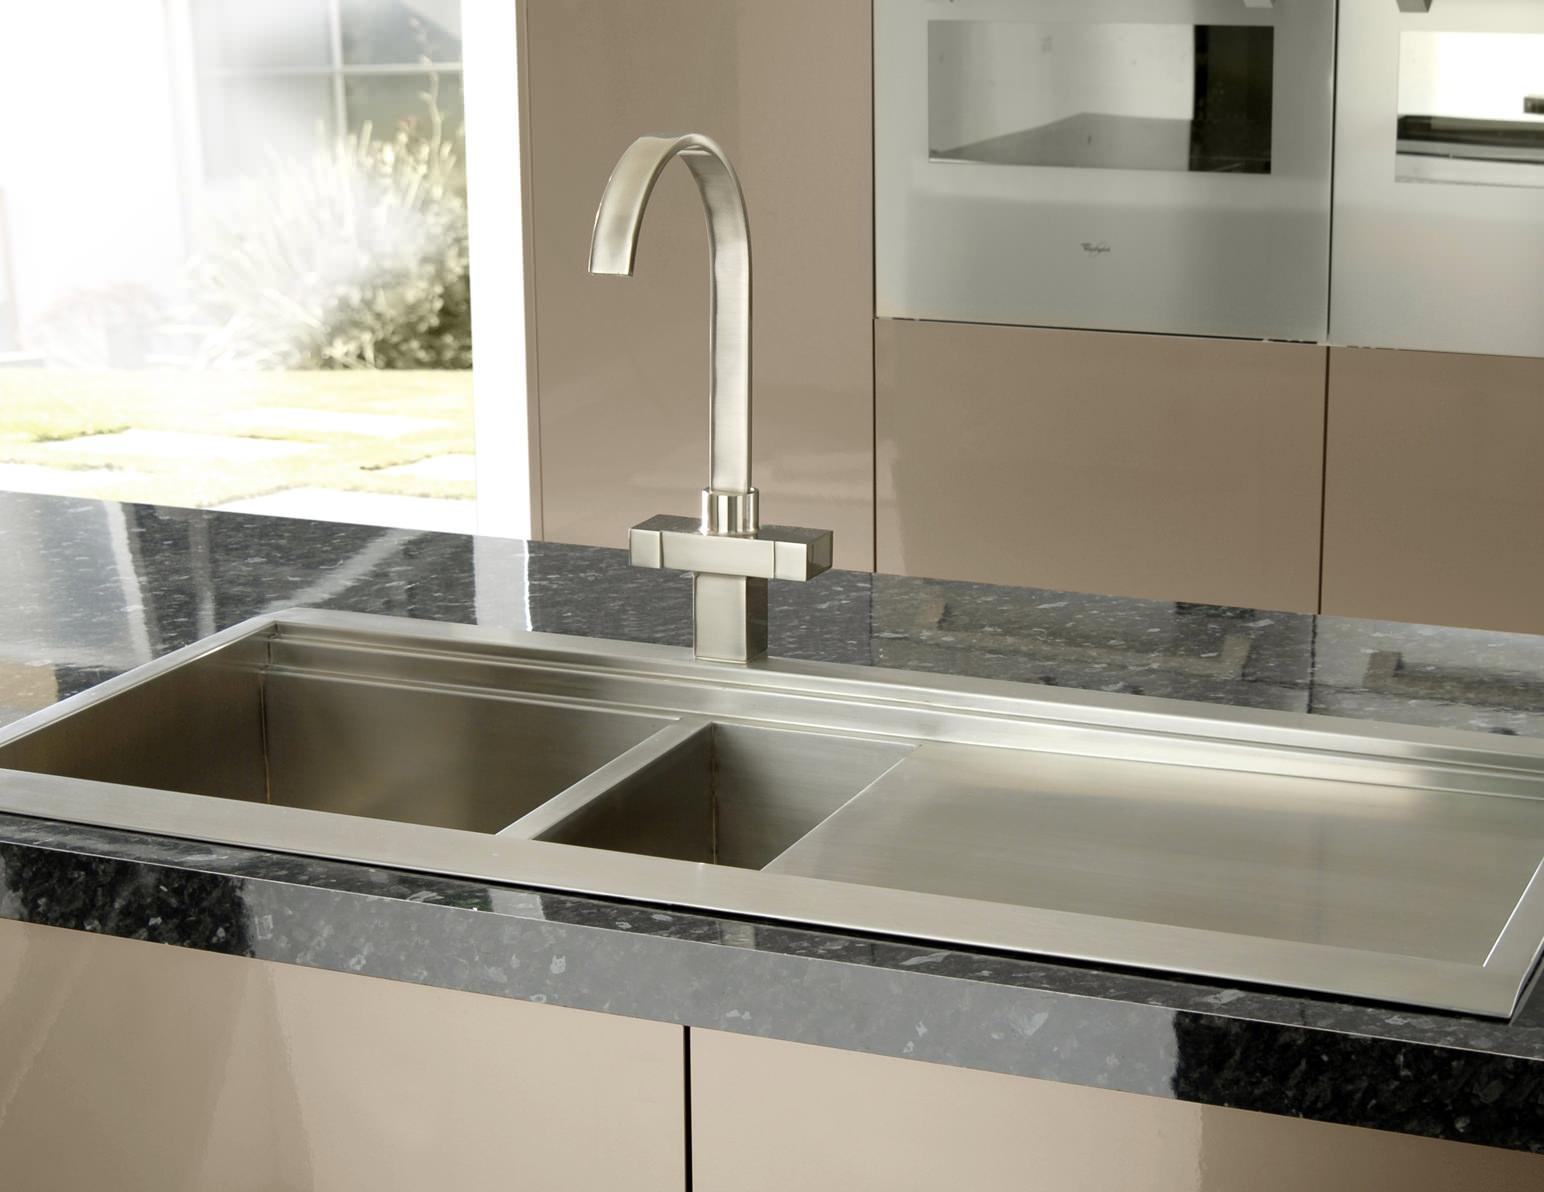 Kitchen Sinks Planen : Kchen planen stunning with modular kitchen m s